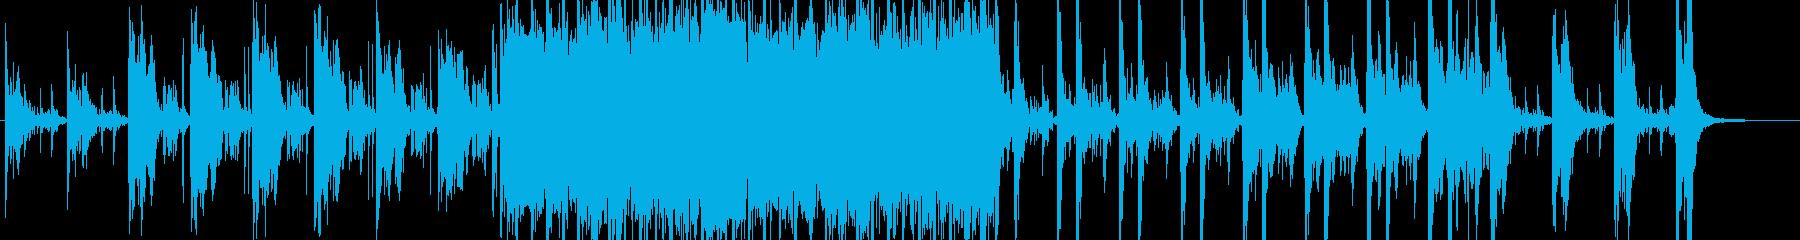 潜入をイメージした曲の再生済みの波形